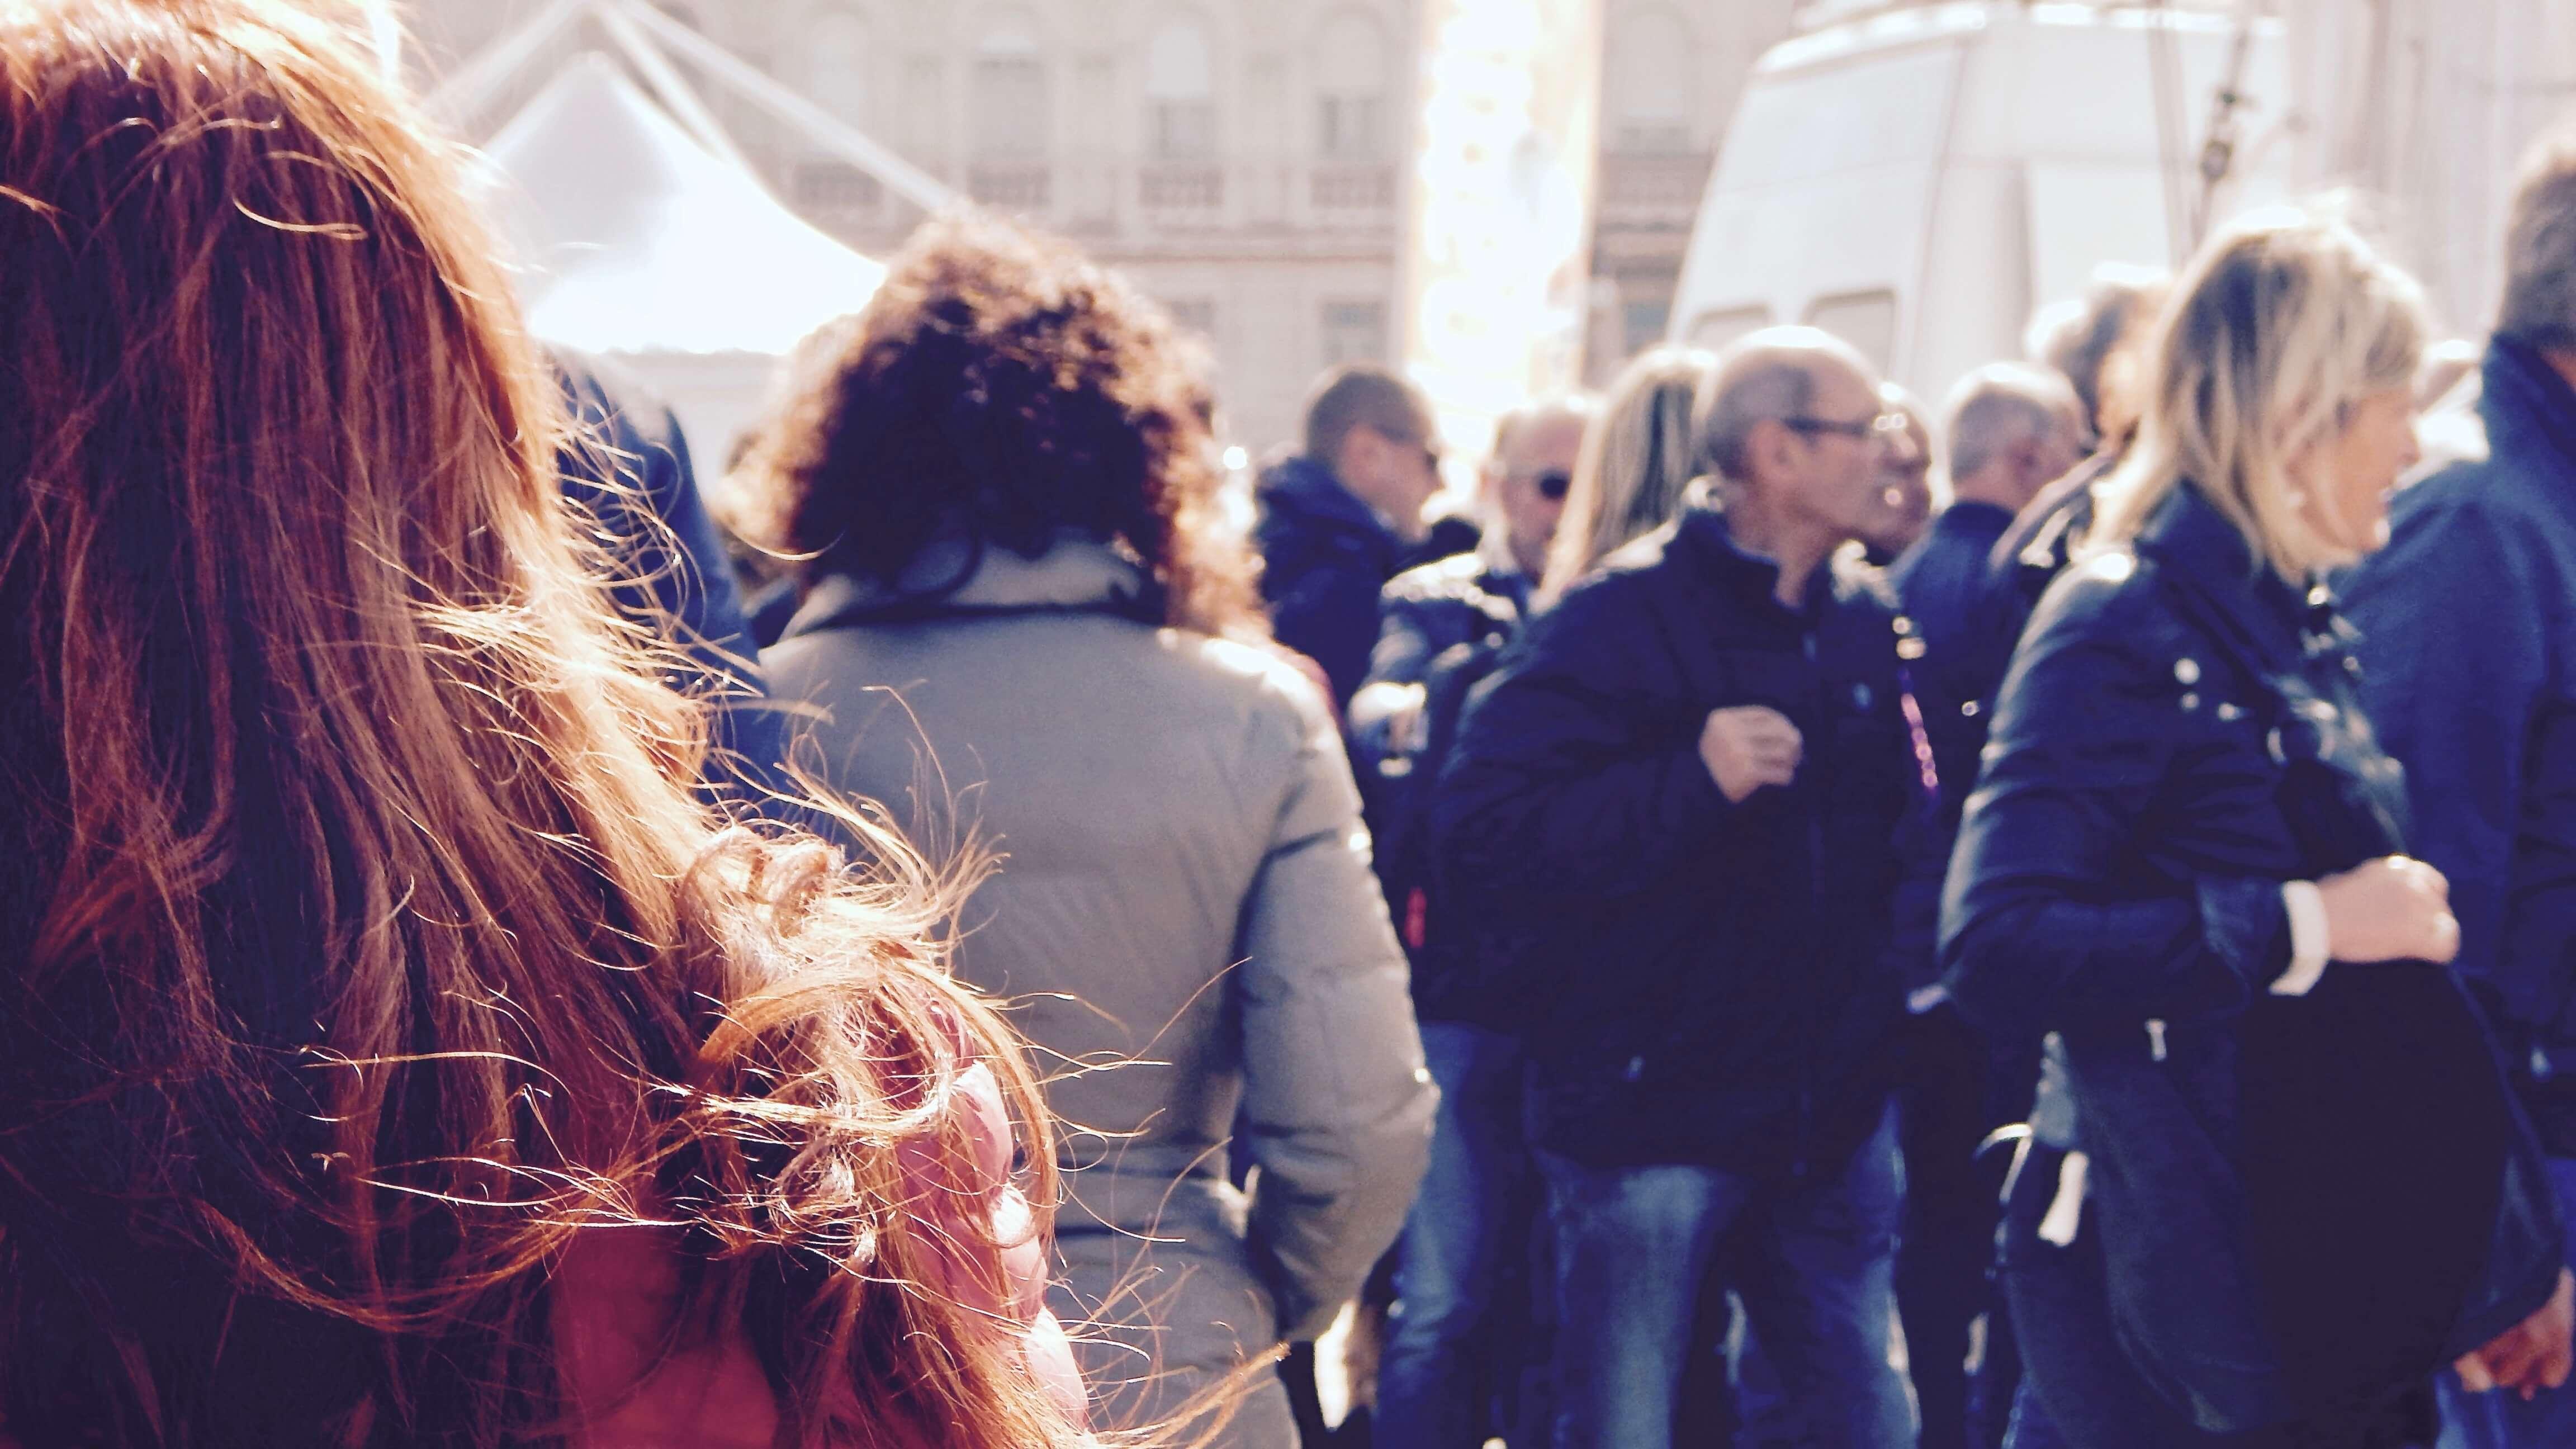 Привычка сравнивать себя с другими: где они, а где я - психолог Диана Сушко